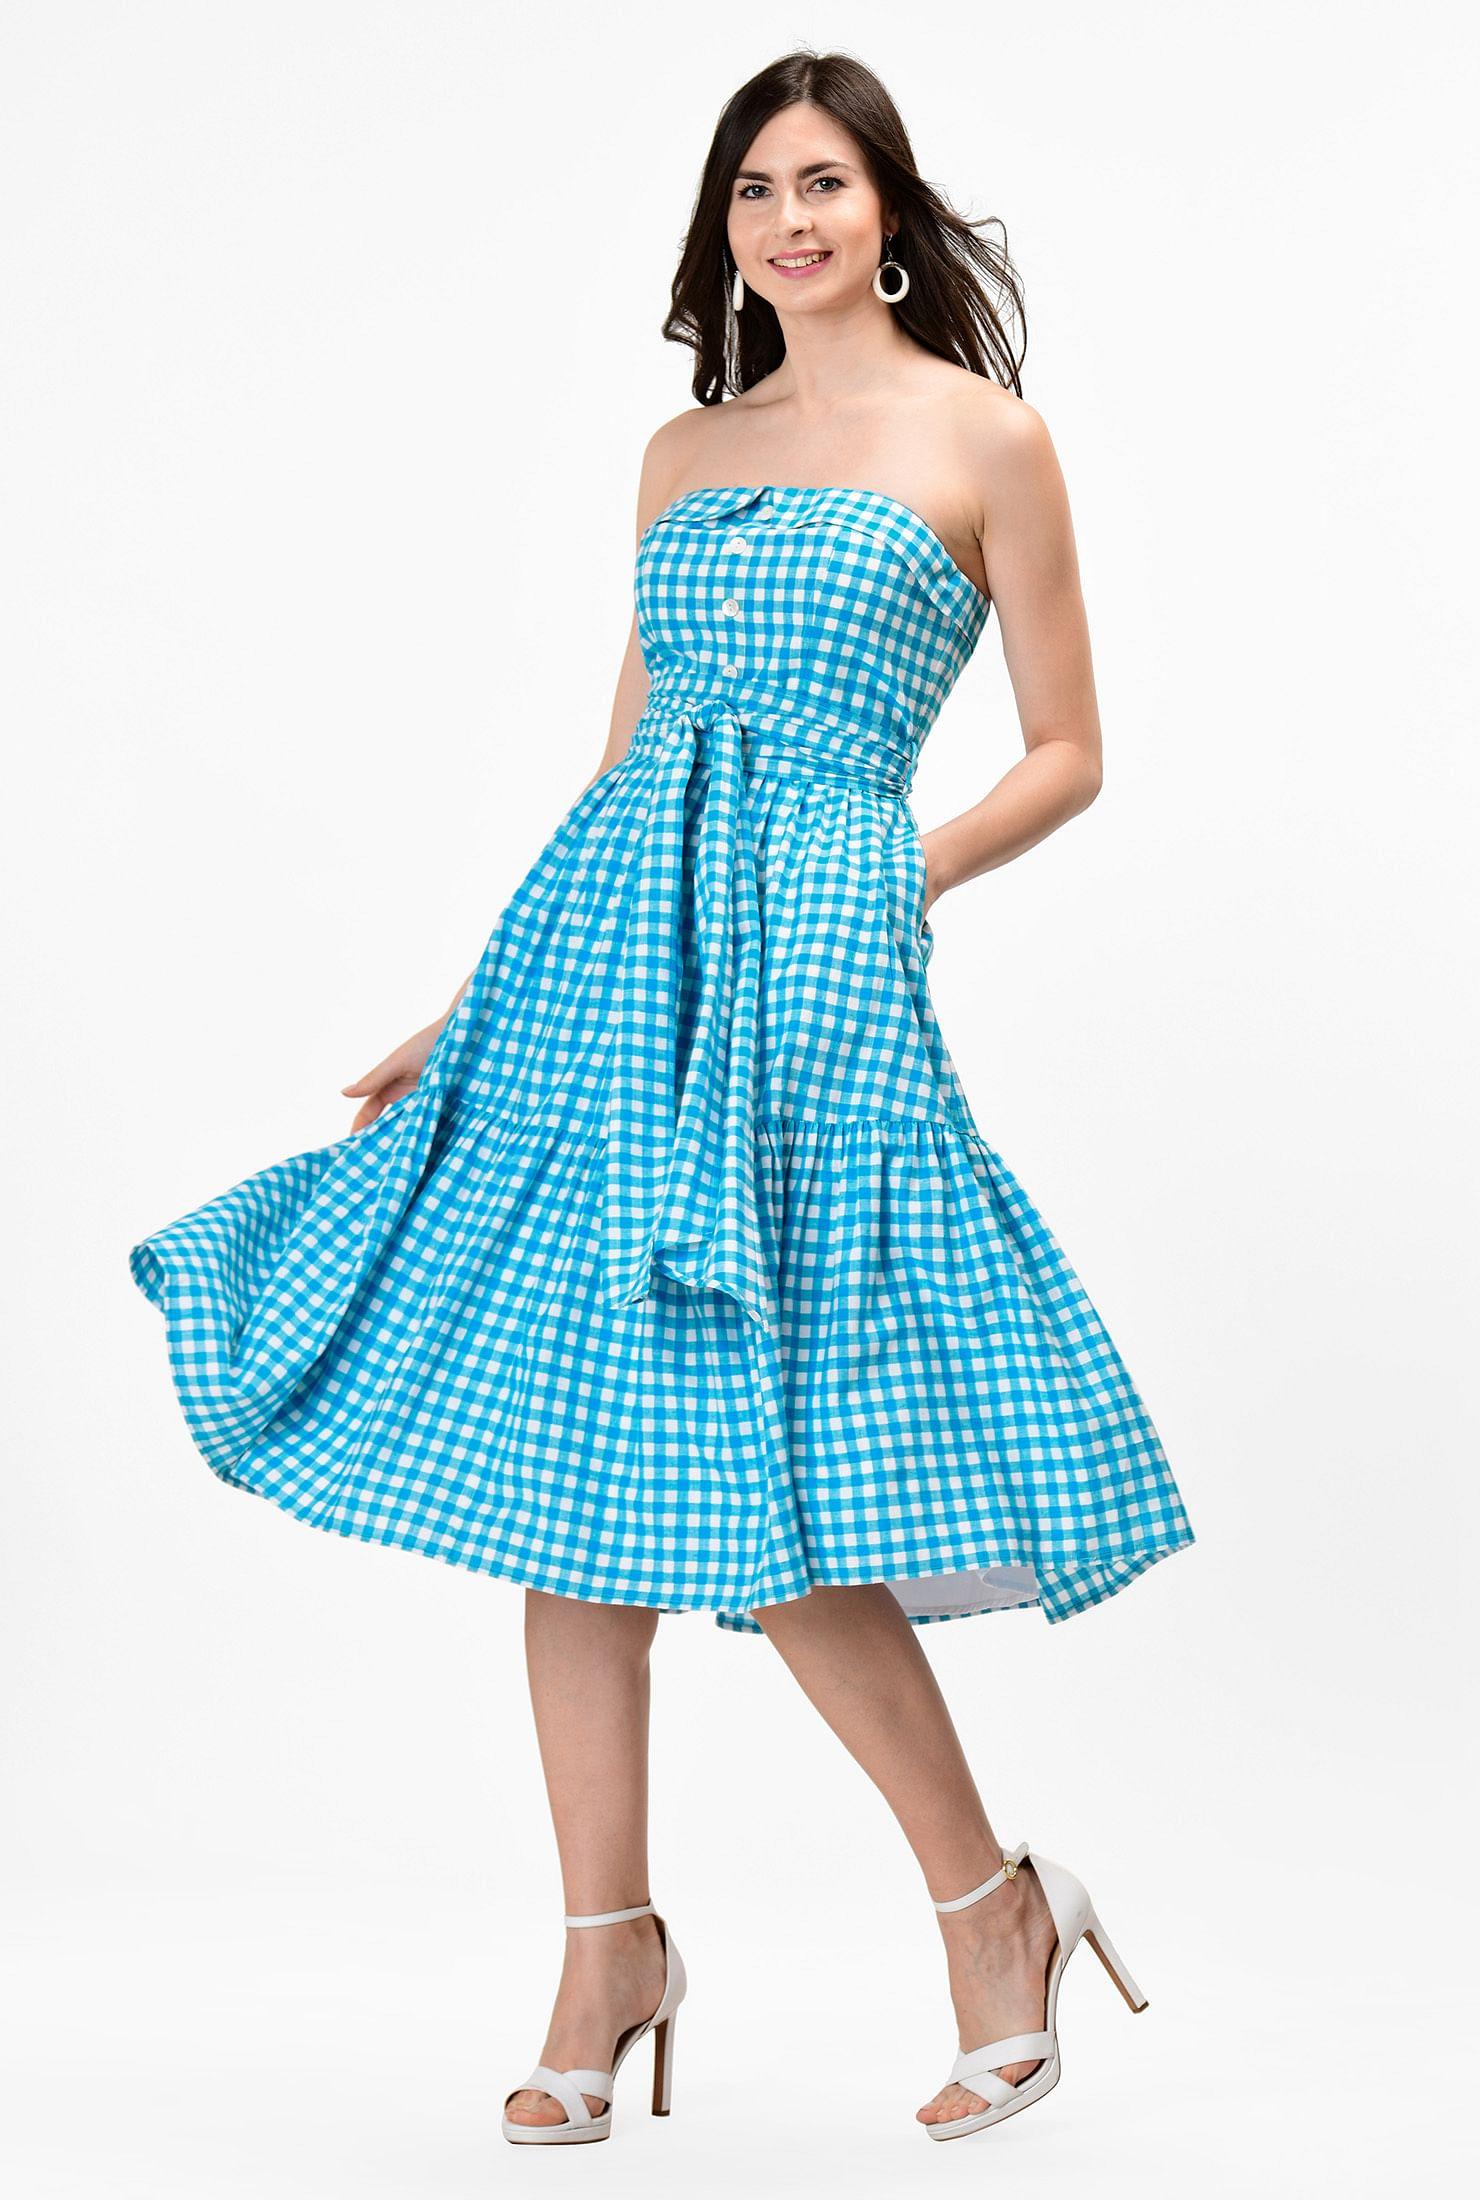 Plus Size Dresses Fashion To Figure - raveitsafe